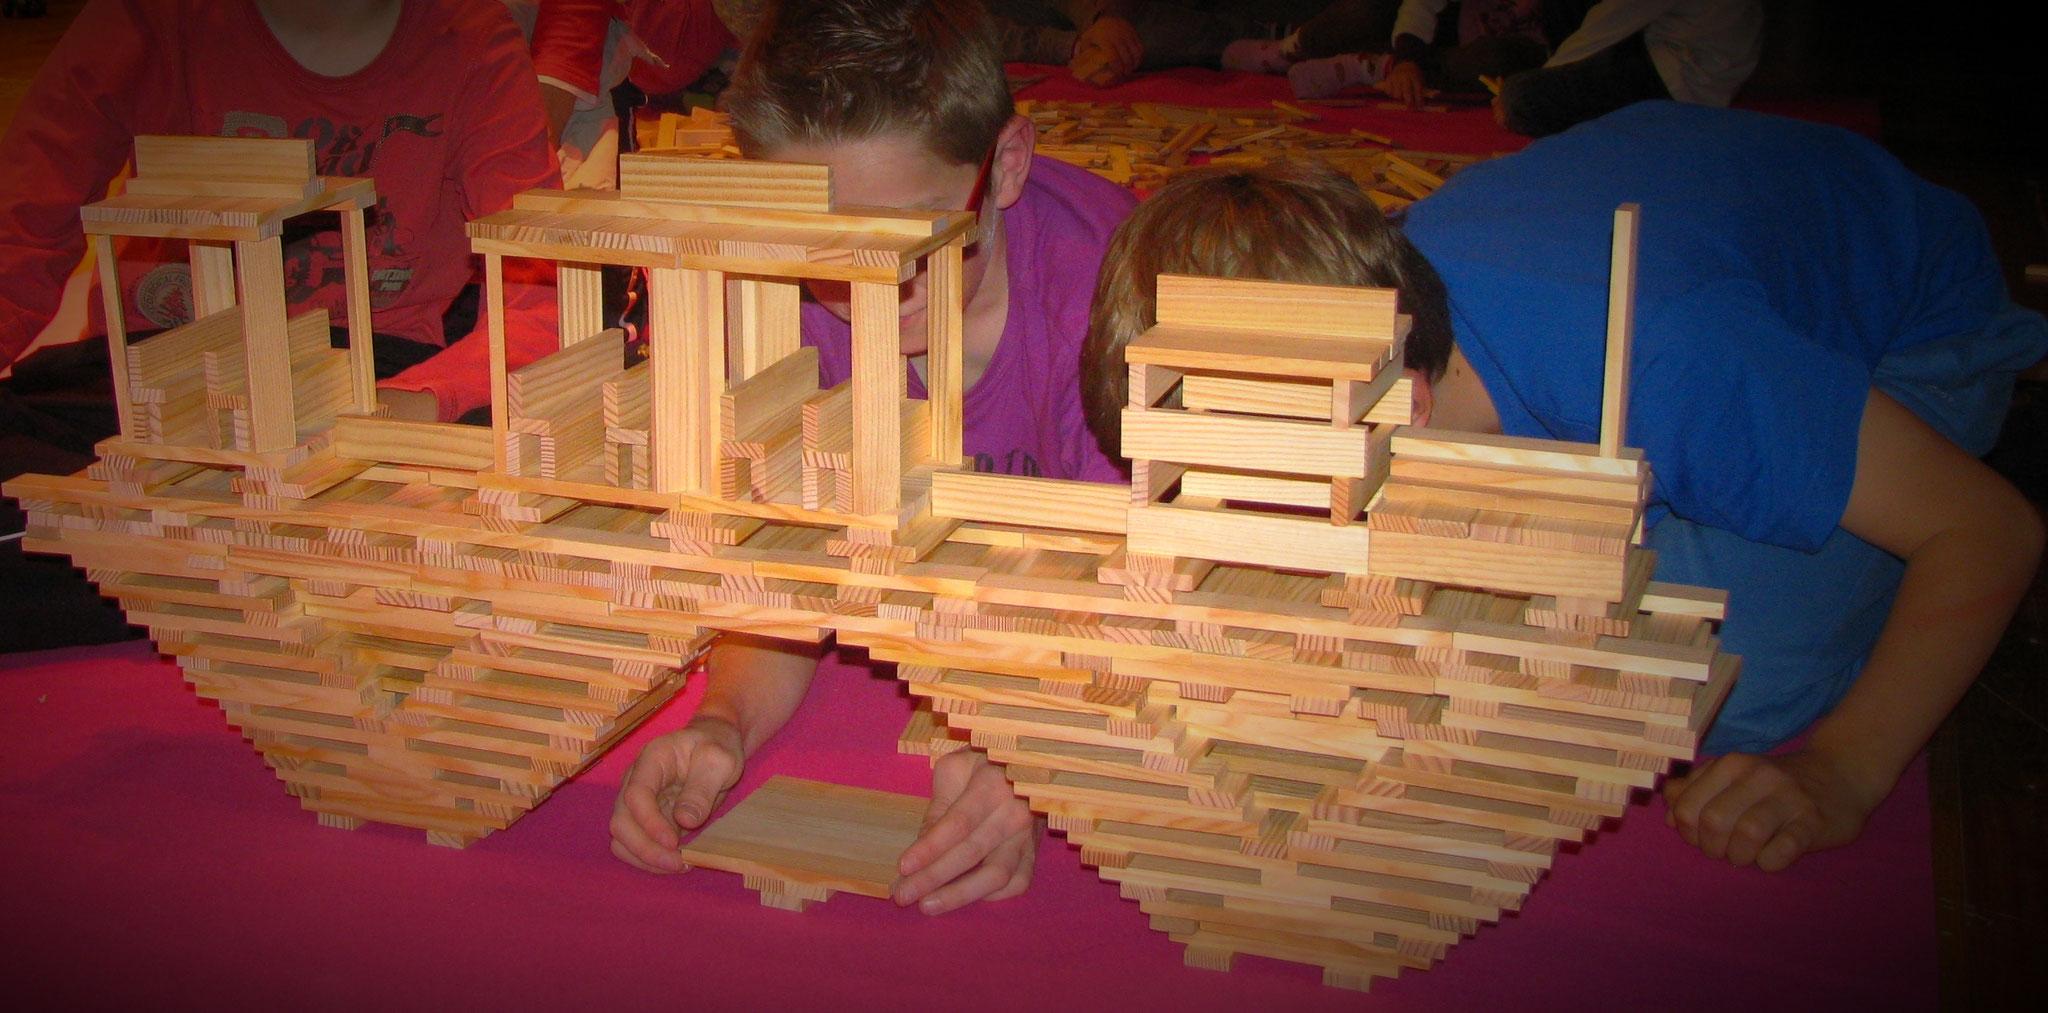 jeux d'assemblage - construction collective